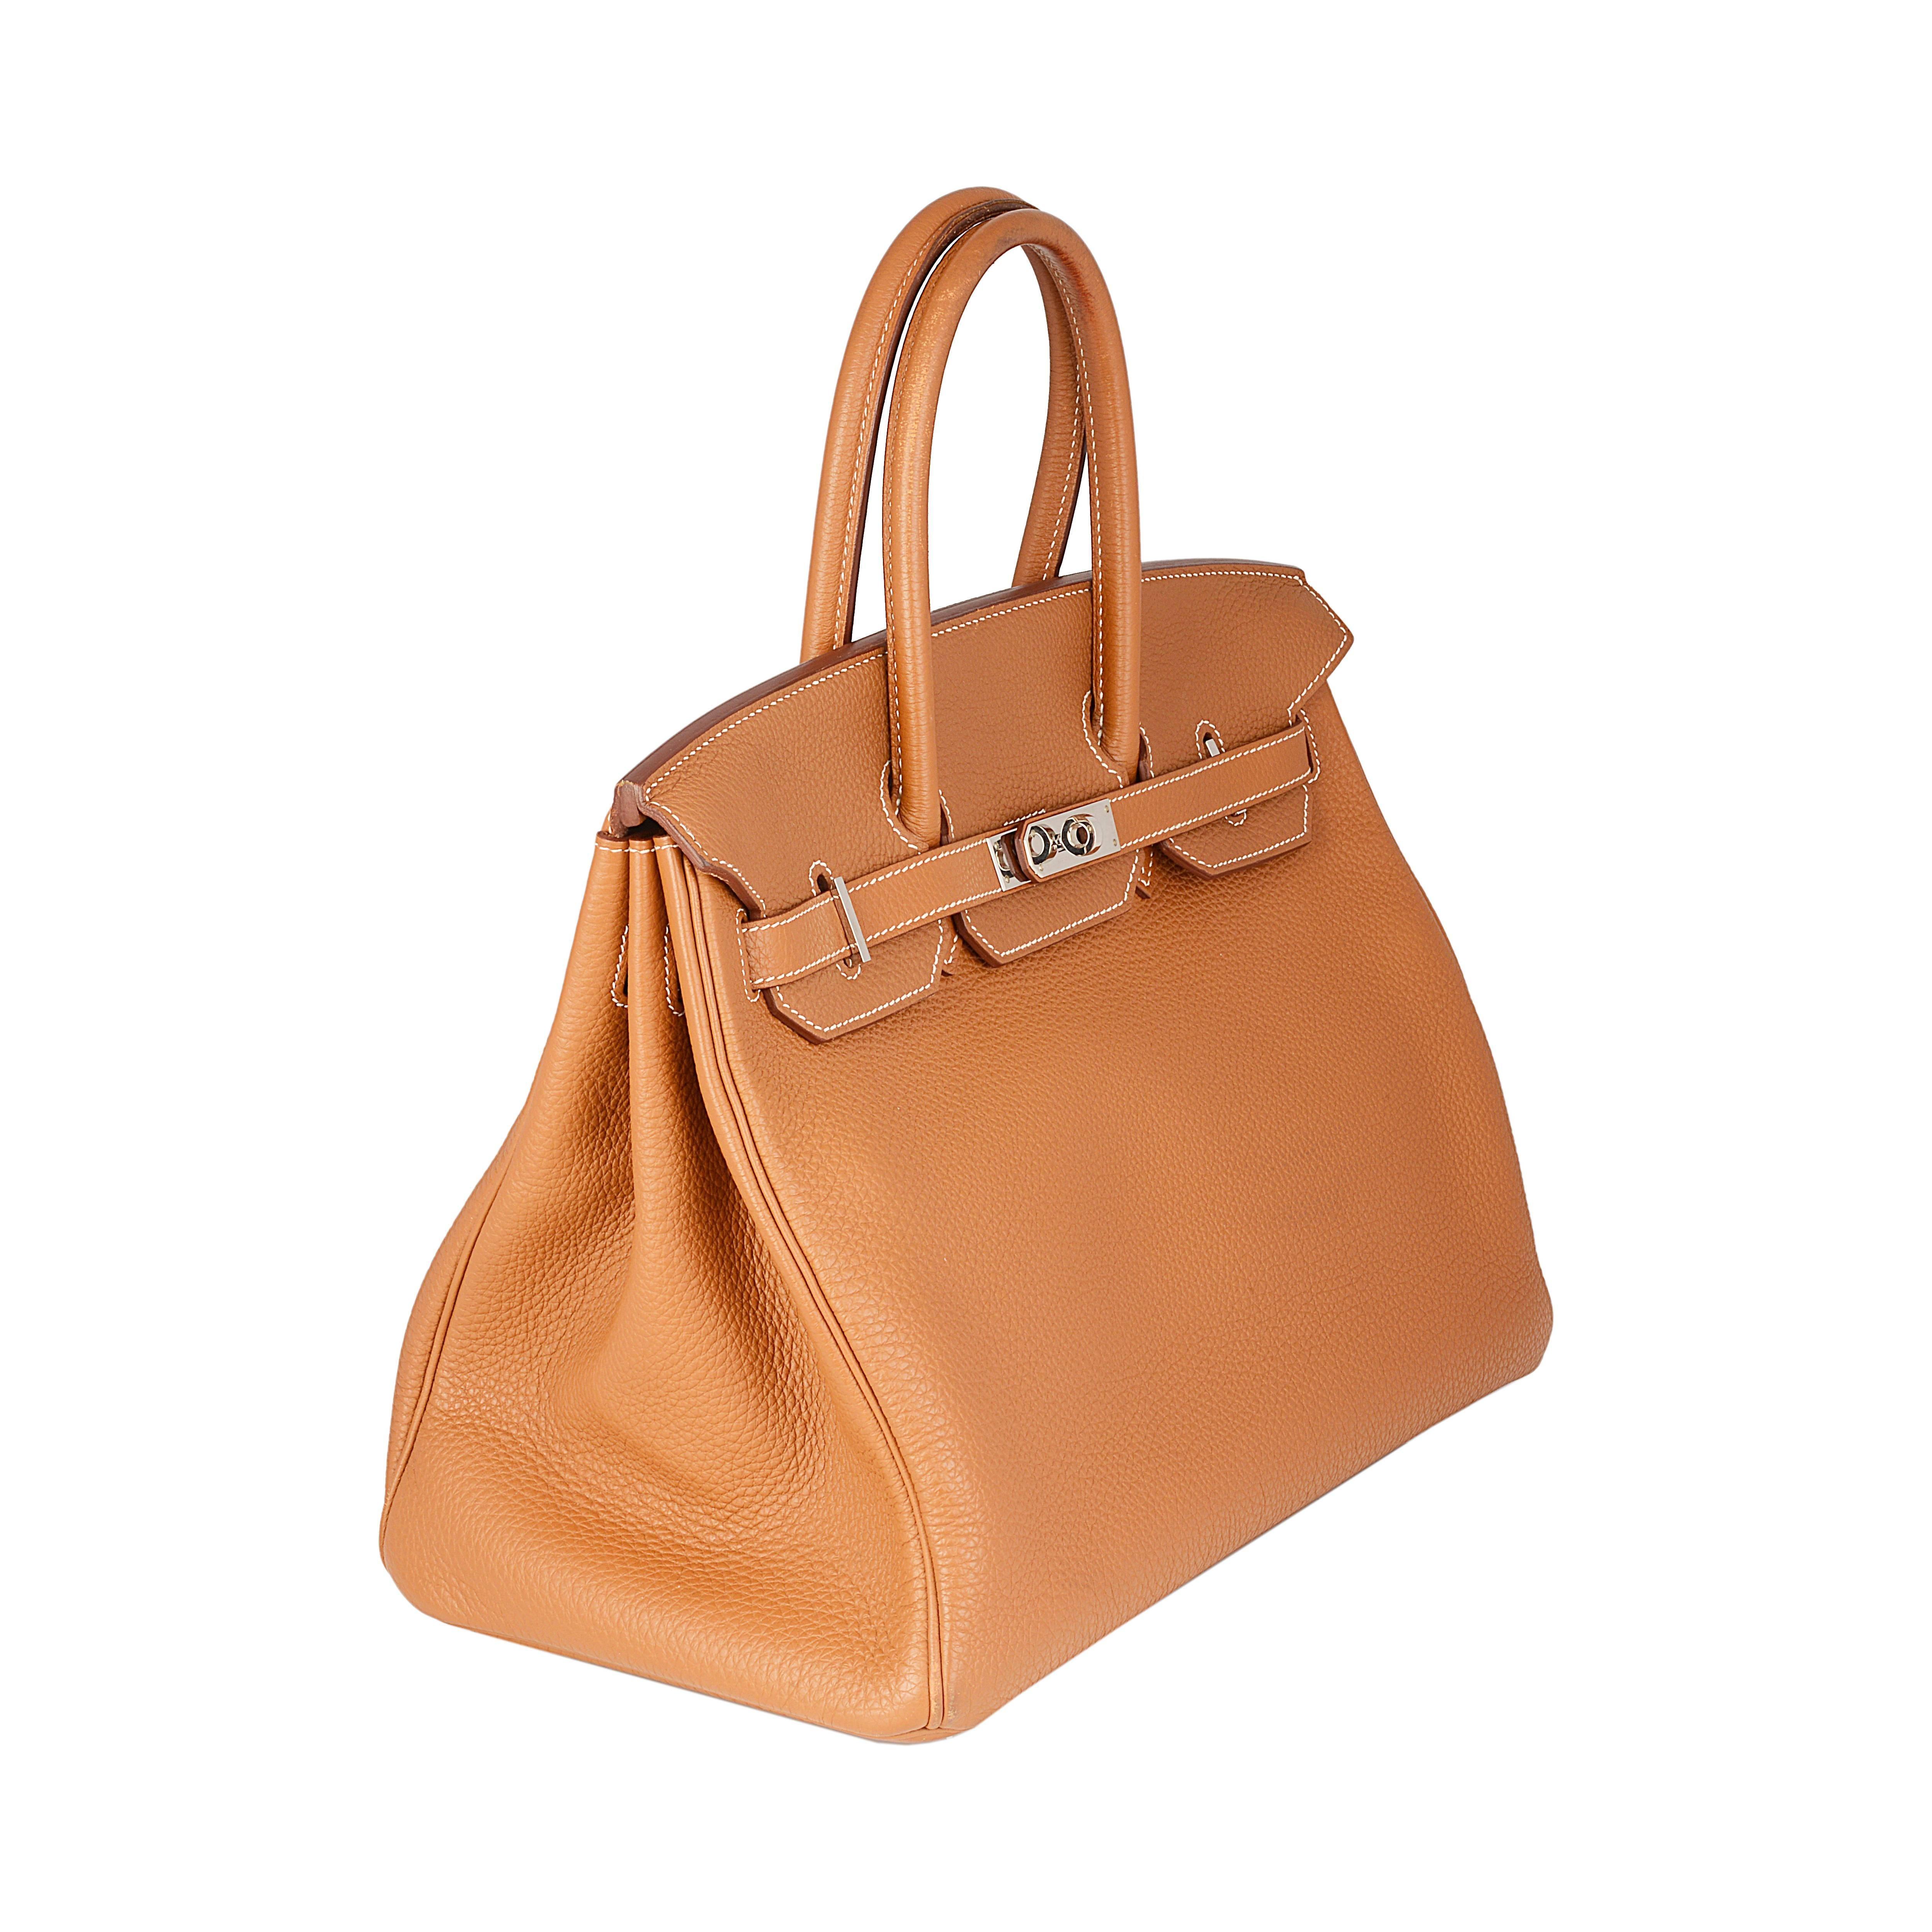 f074ff1c0be8 02770 d3de9  sweden hermes birkin gold 35cm togo leather bag at 1stdibs  e6ce4 e2847